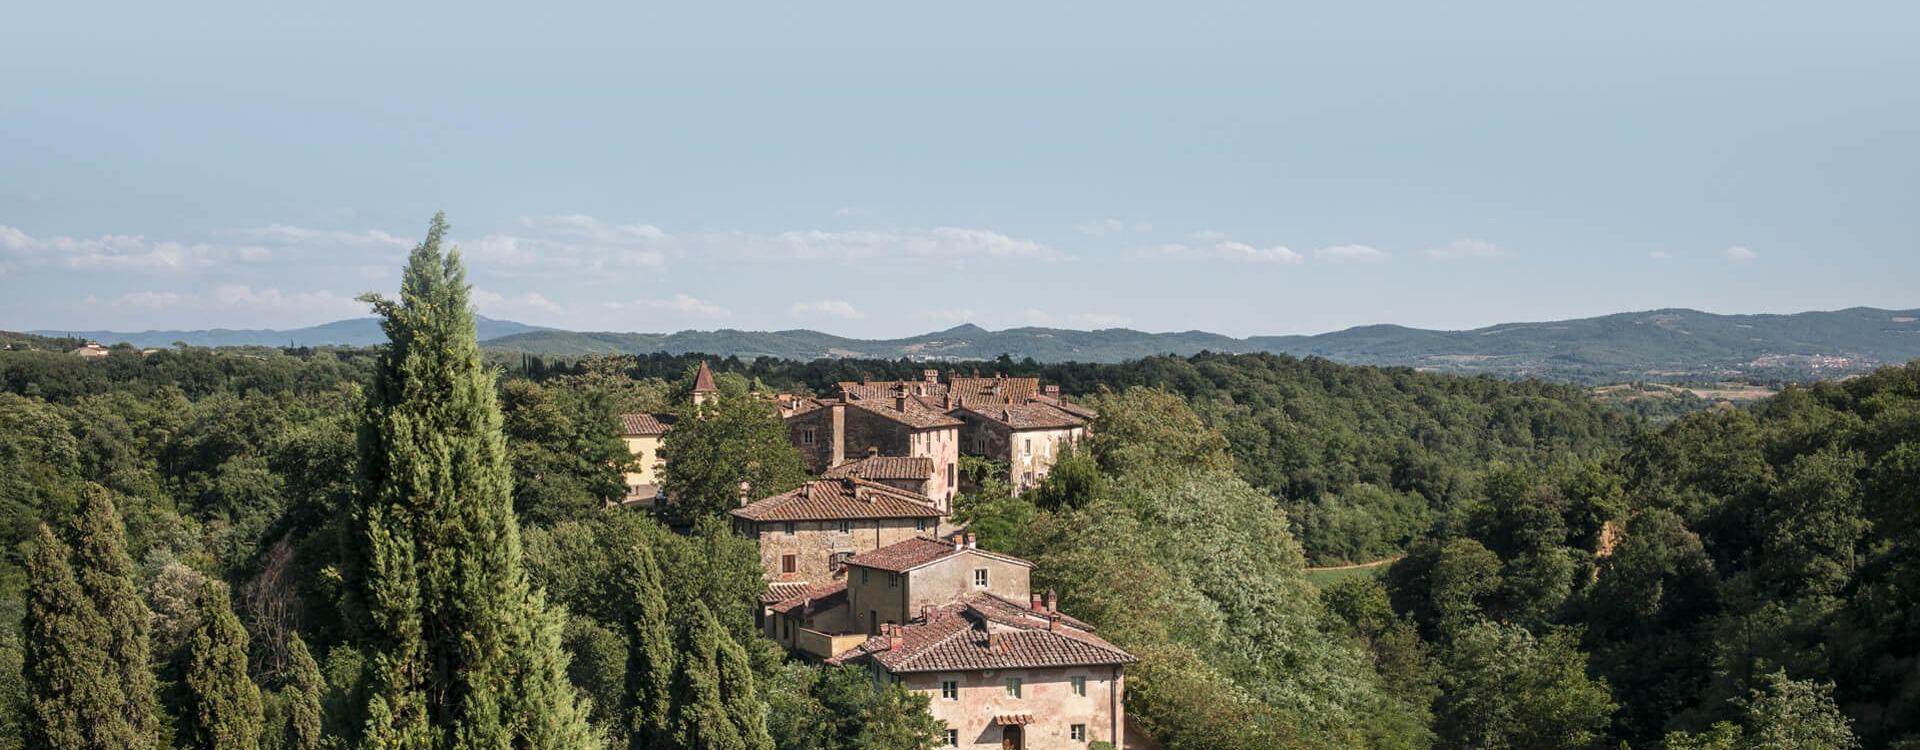 Il Borro Tuscan Bistro London Brand Cover